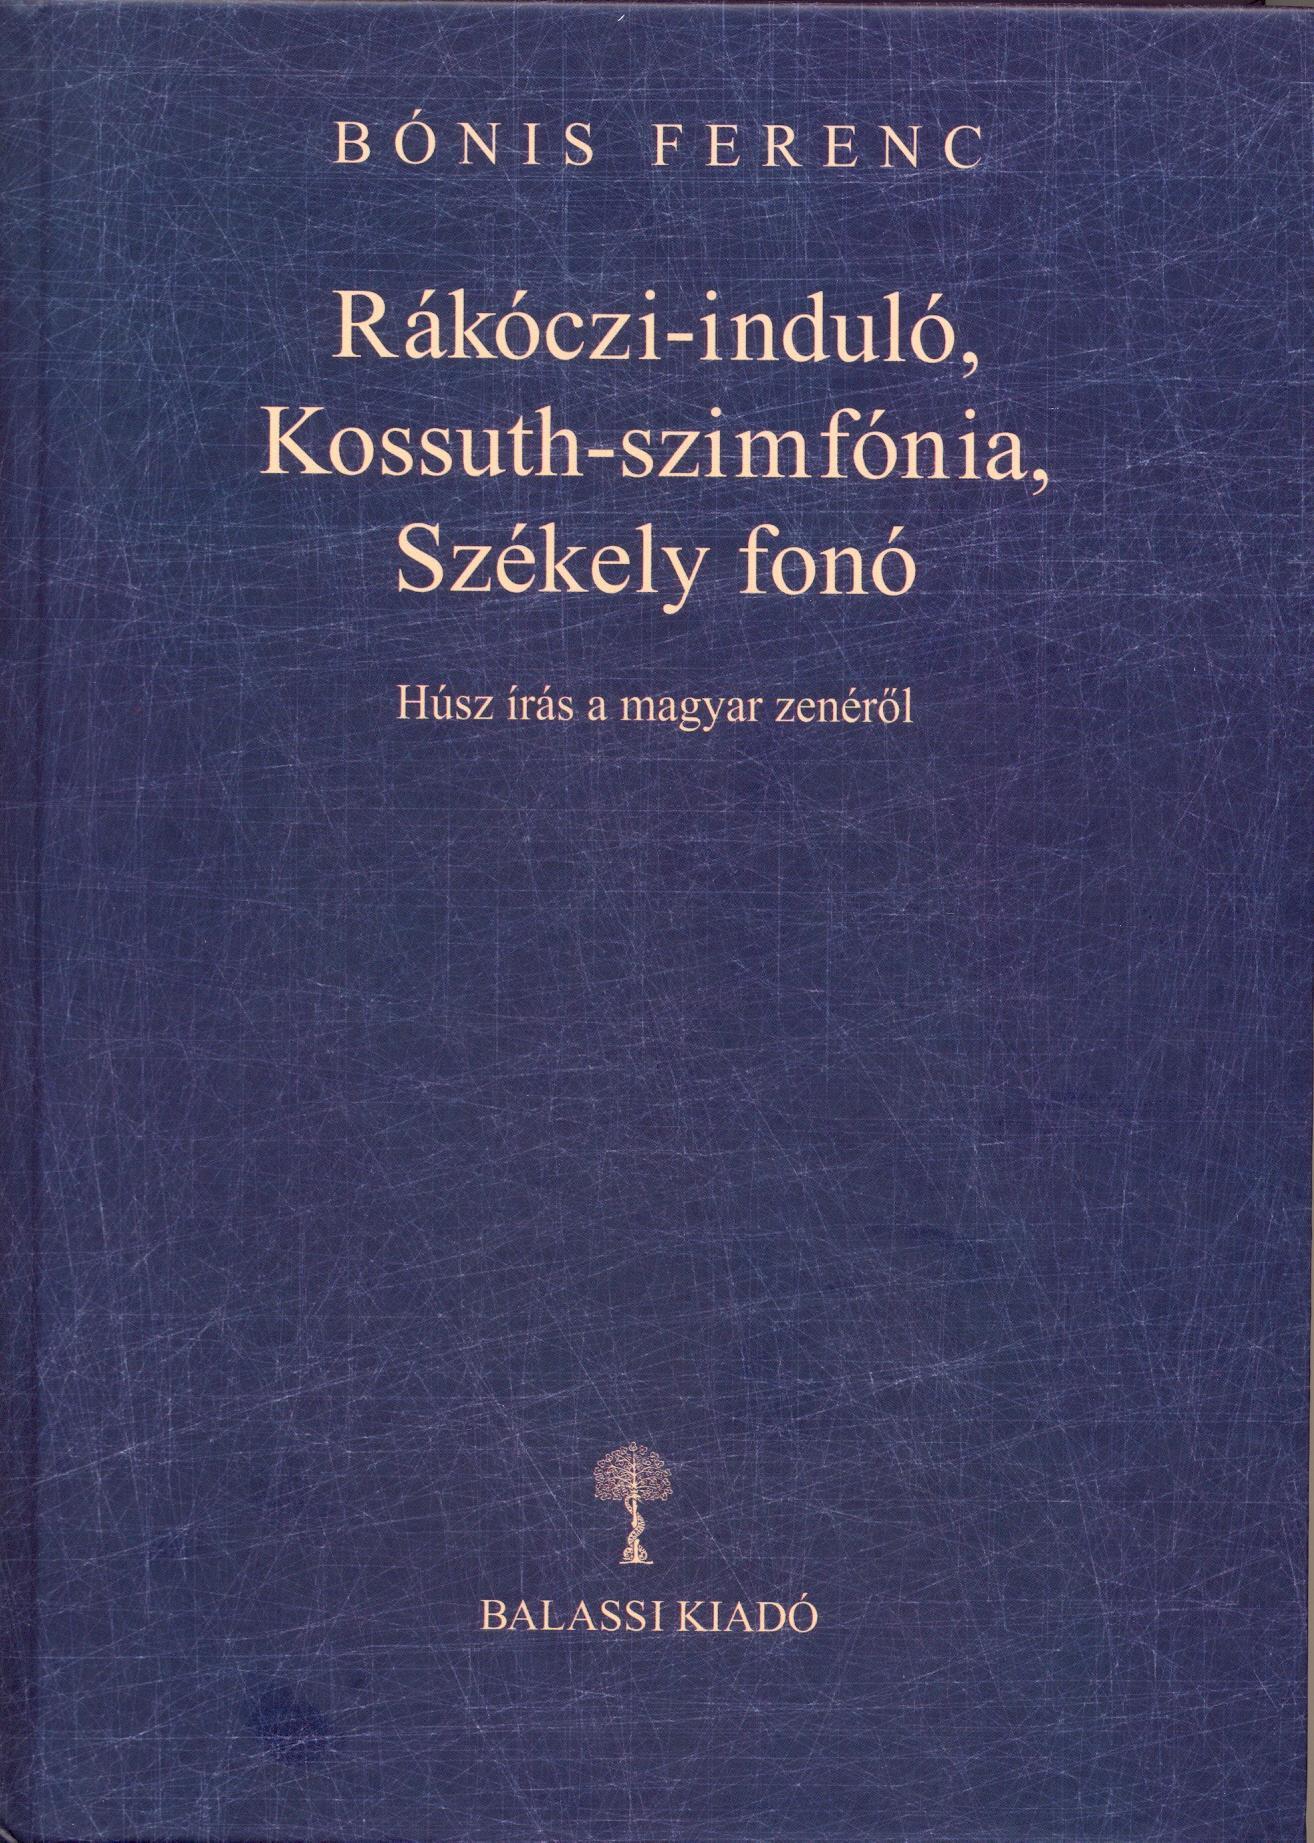 RÁKÓCZI-INDULÓ, KOSSUTH-SZIMFÓNIA, SZÉKELY FONÓ